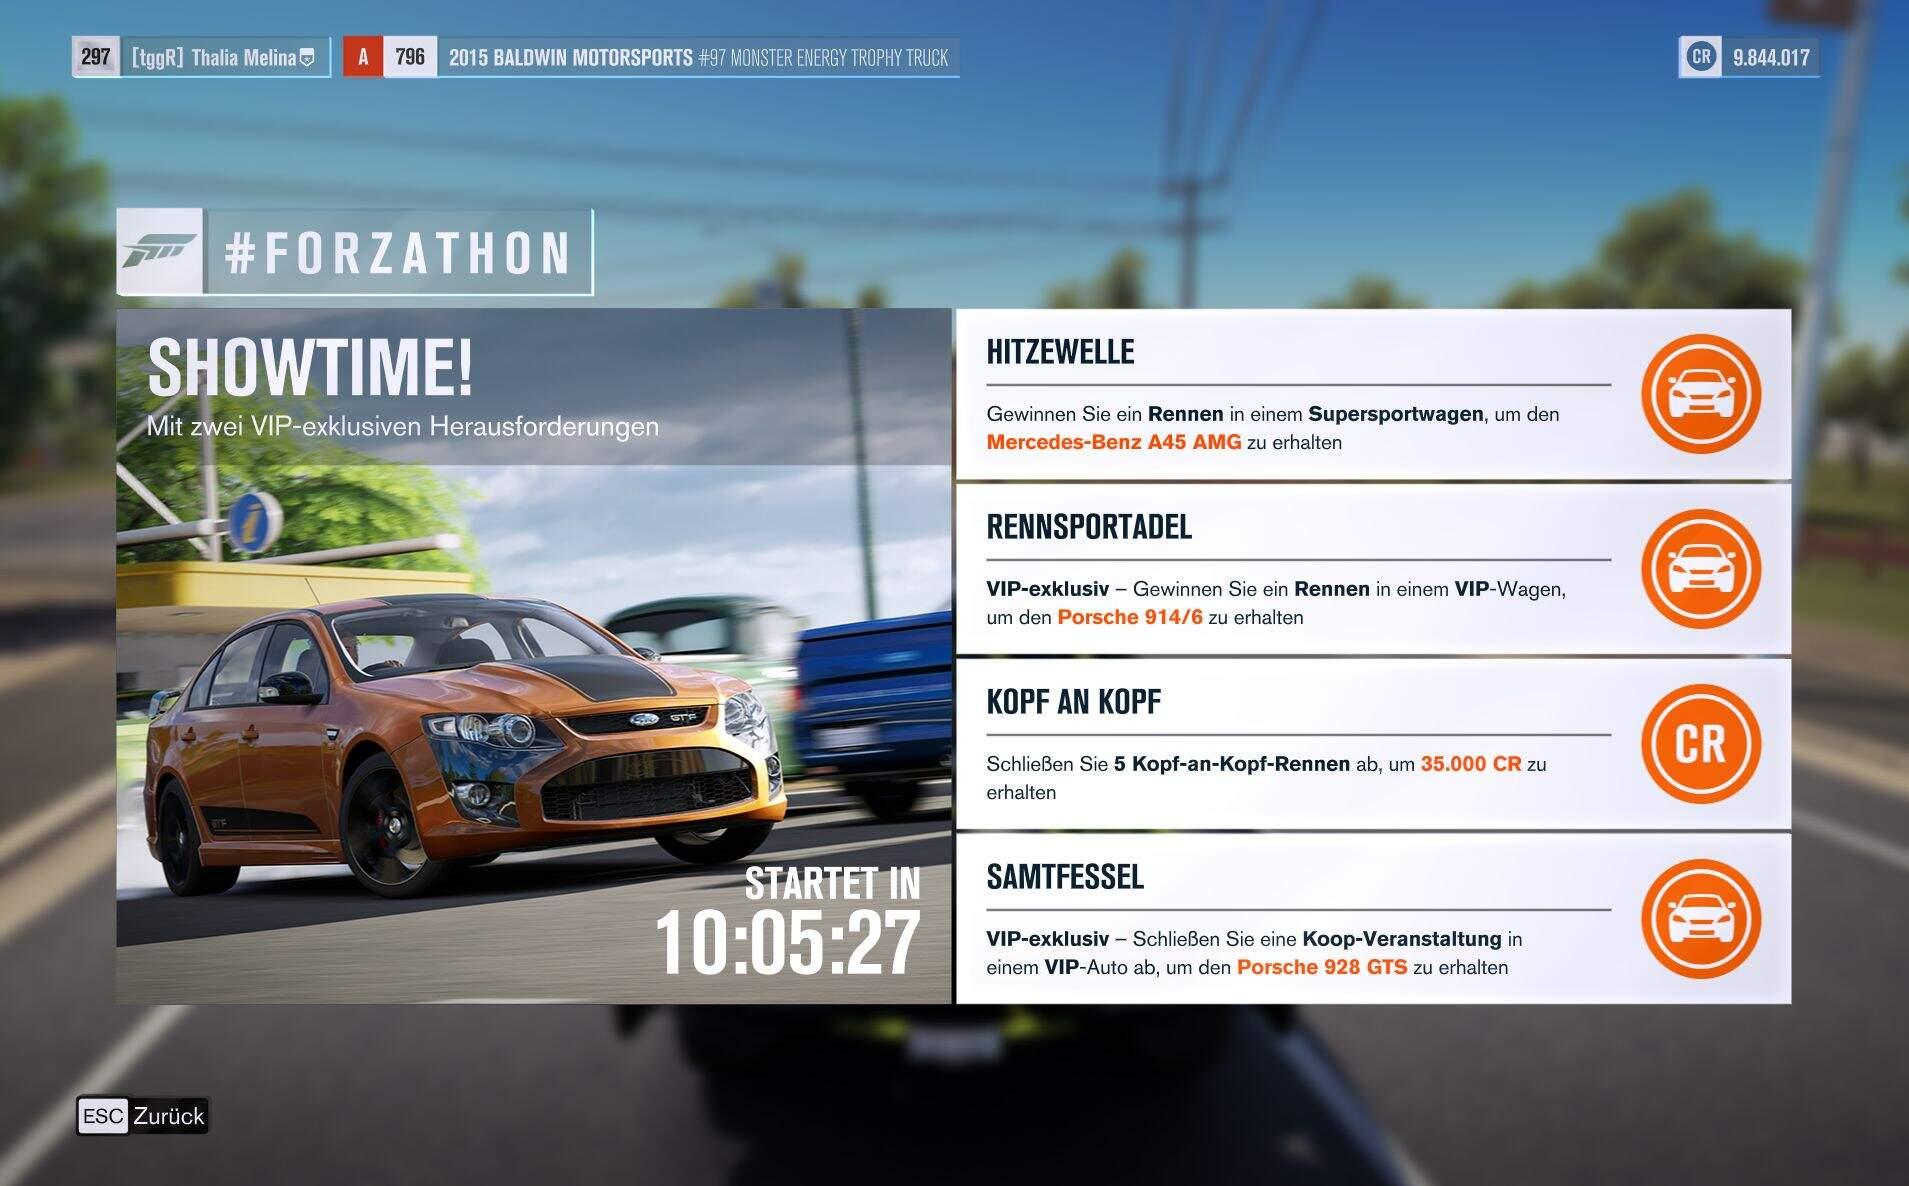 Forza Horizon 3 Forzathon KW 34